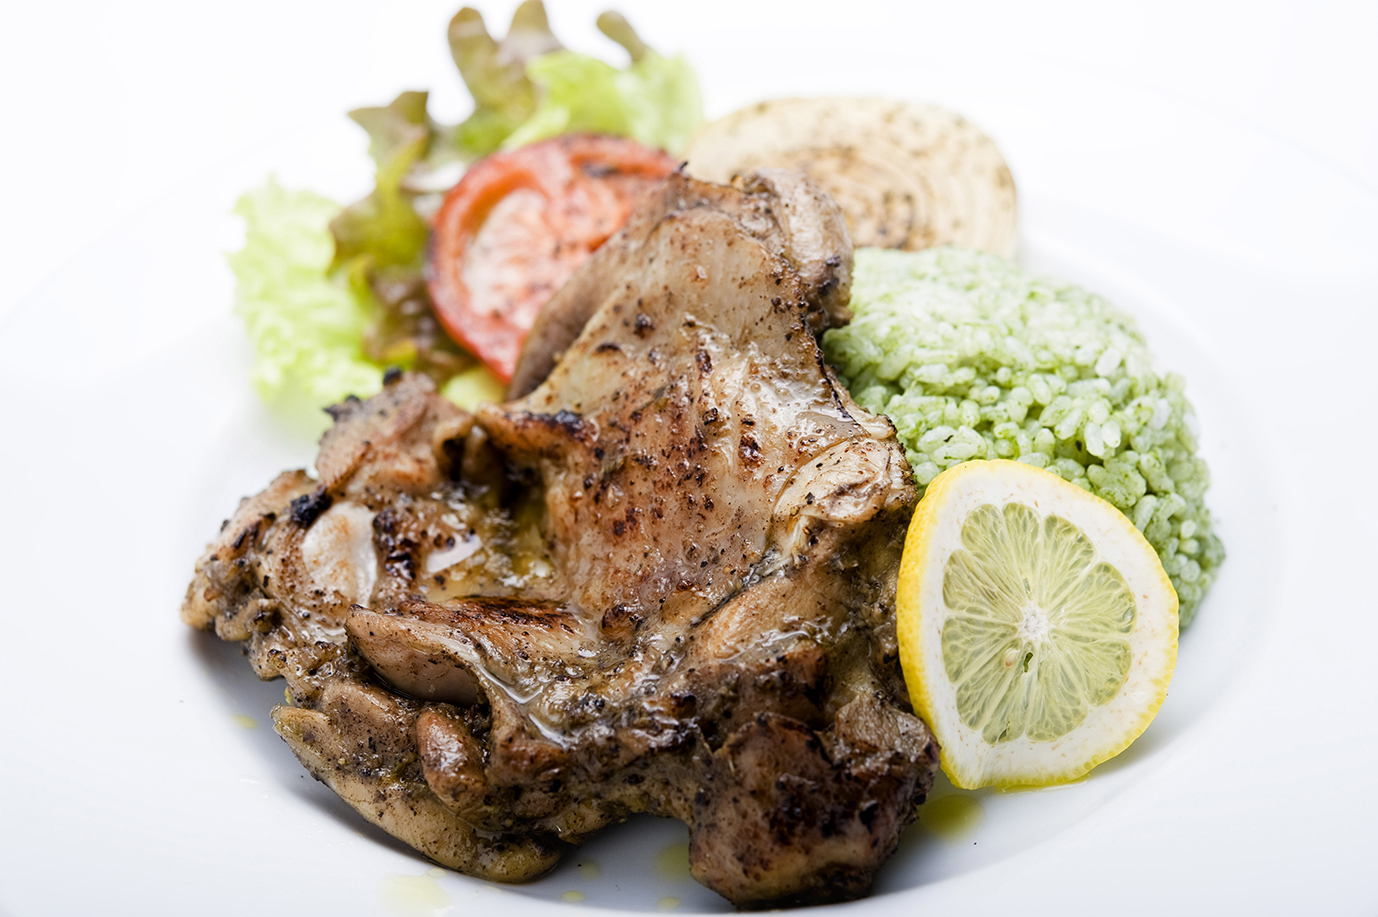 BROOK オリジナルジャークチキン ポパイライス付き BROOK Original Jerk Chicken with Popeye Garlic Rice